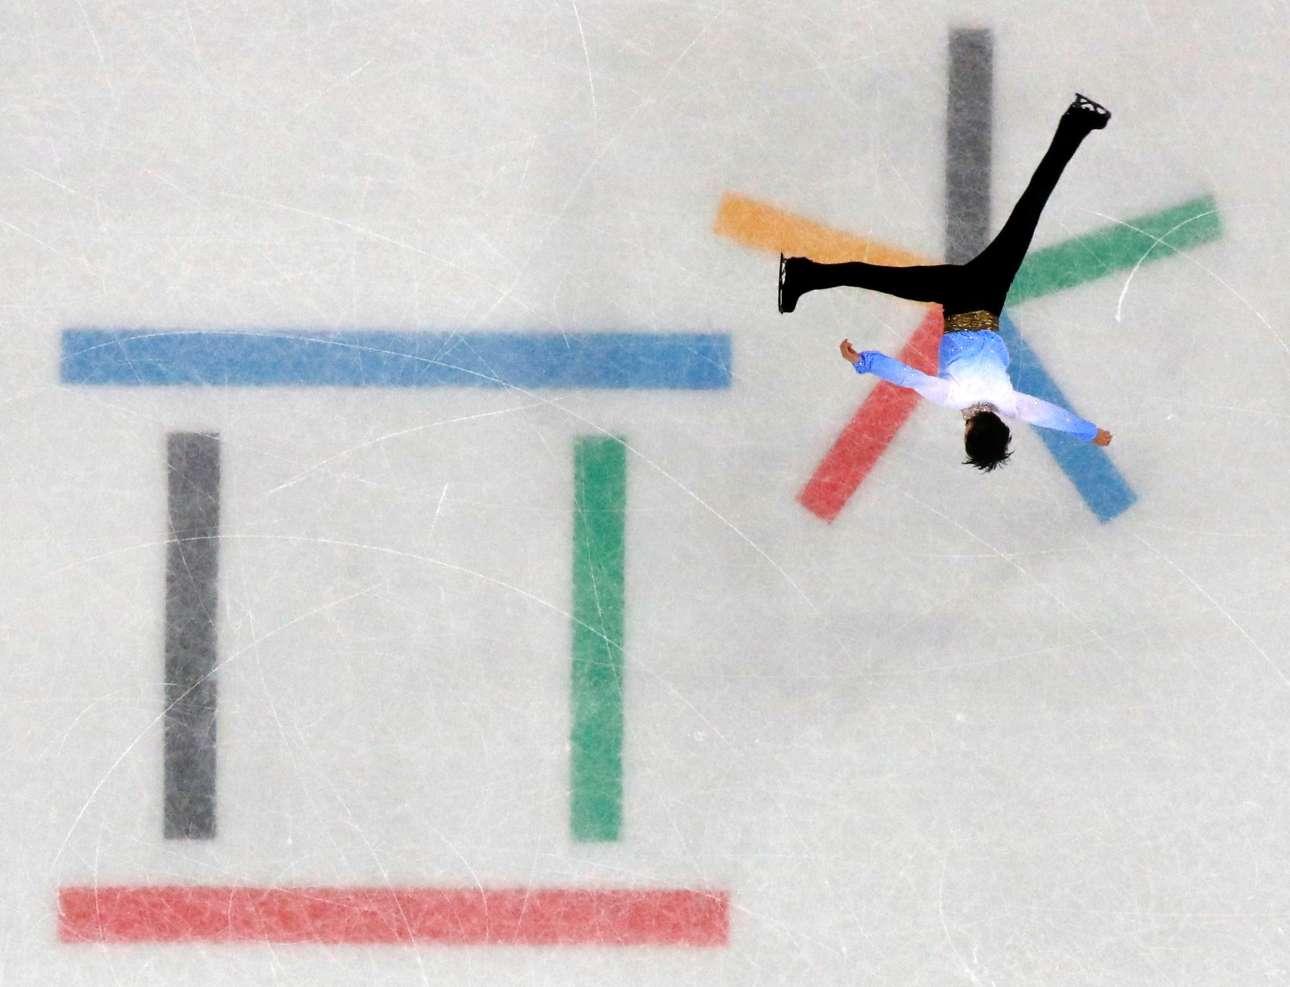 Παρασκευή, 16 Φεβρουαρίου, Νότια Κορέα. Ενα εντυπωσιακό πανοραμικό στιγμιότυπο από αγώνα καλλιτεχνικού πατινάζ στους Χειμερινούς Ολυμπιακούς Αγώνες της Πιονγκτσάνγκ